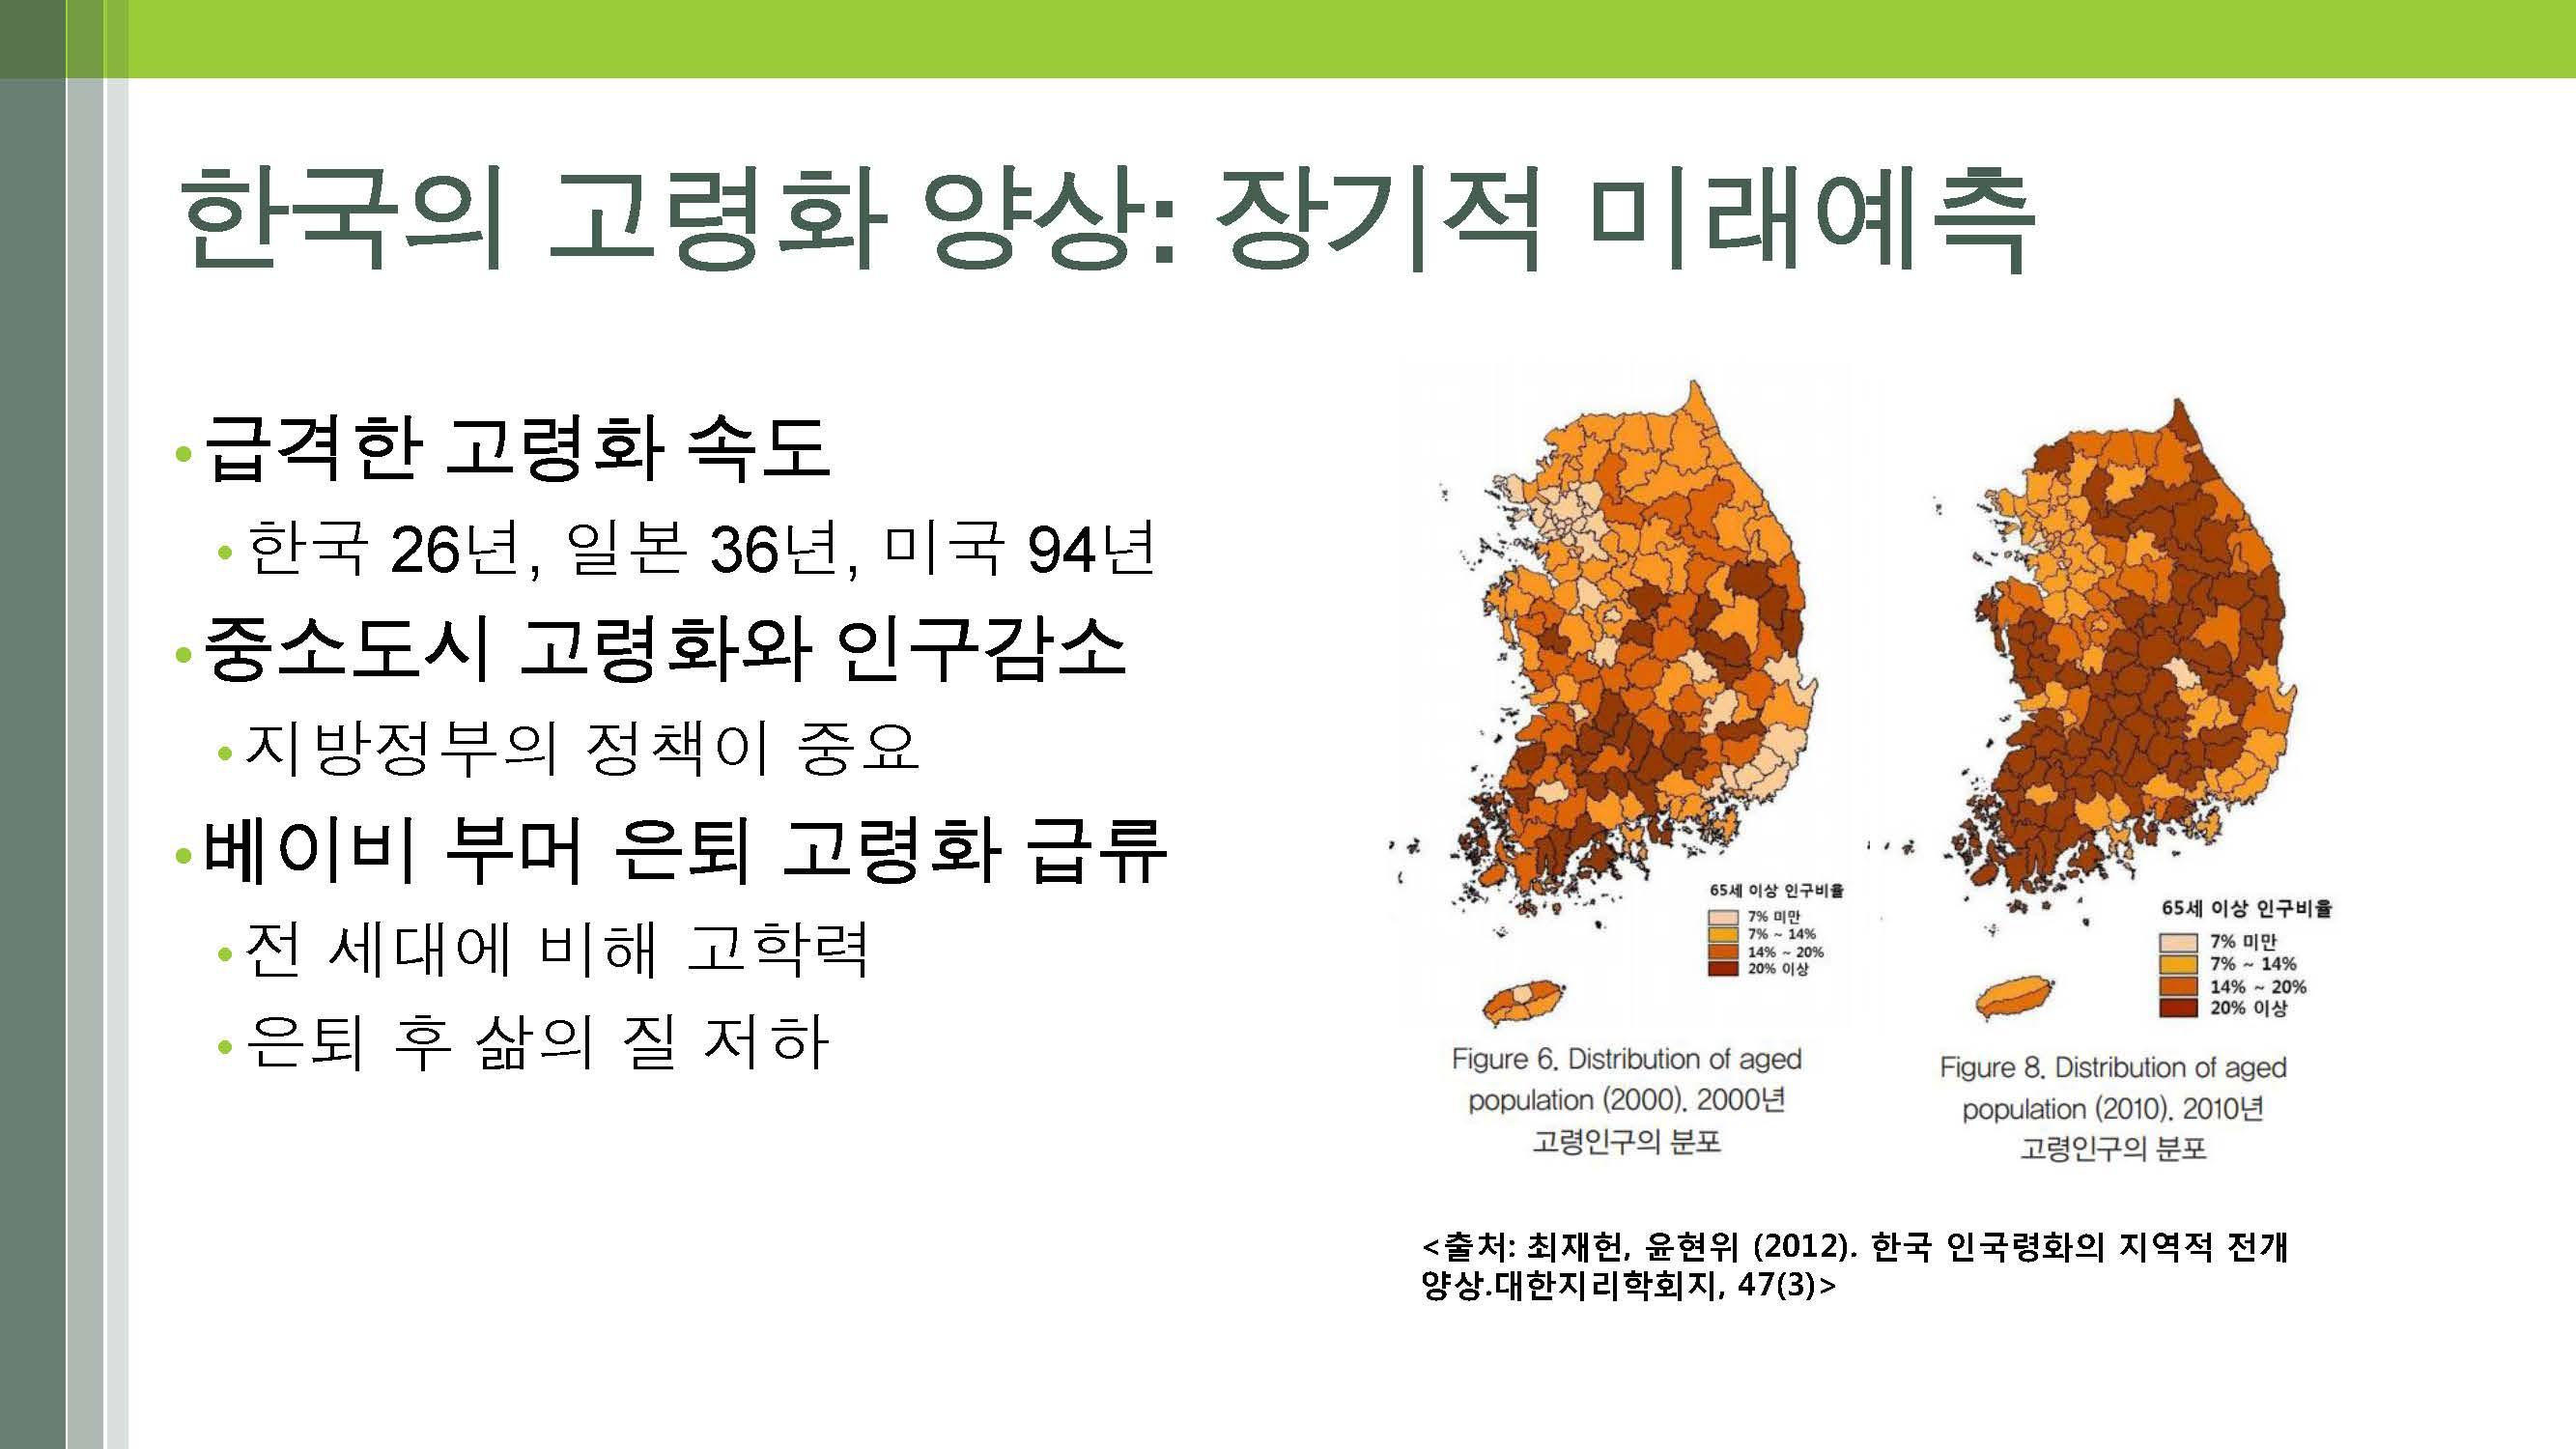 노인의 다면적 라이프스타일 개발(연세대-박지혁) (최종)_페이지_05